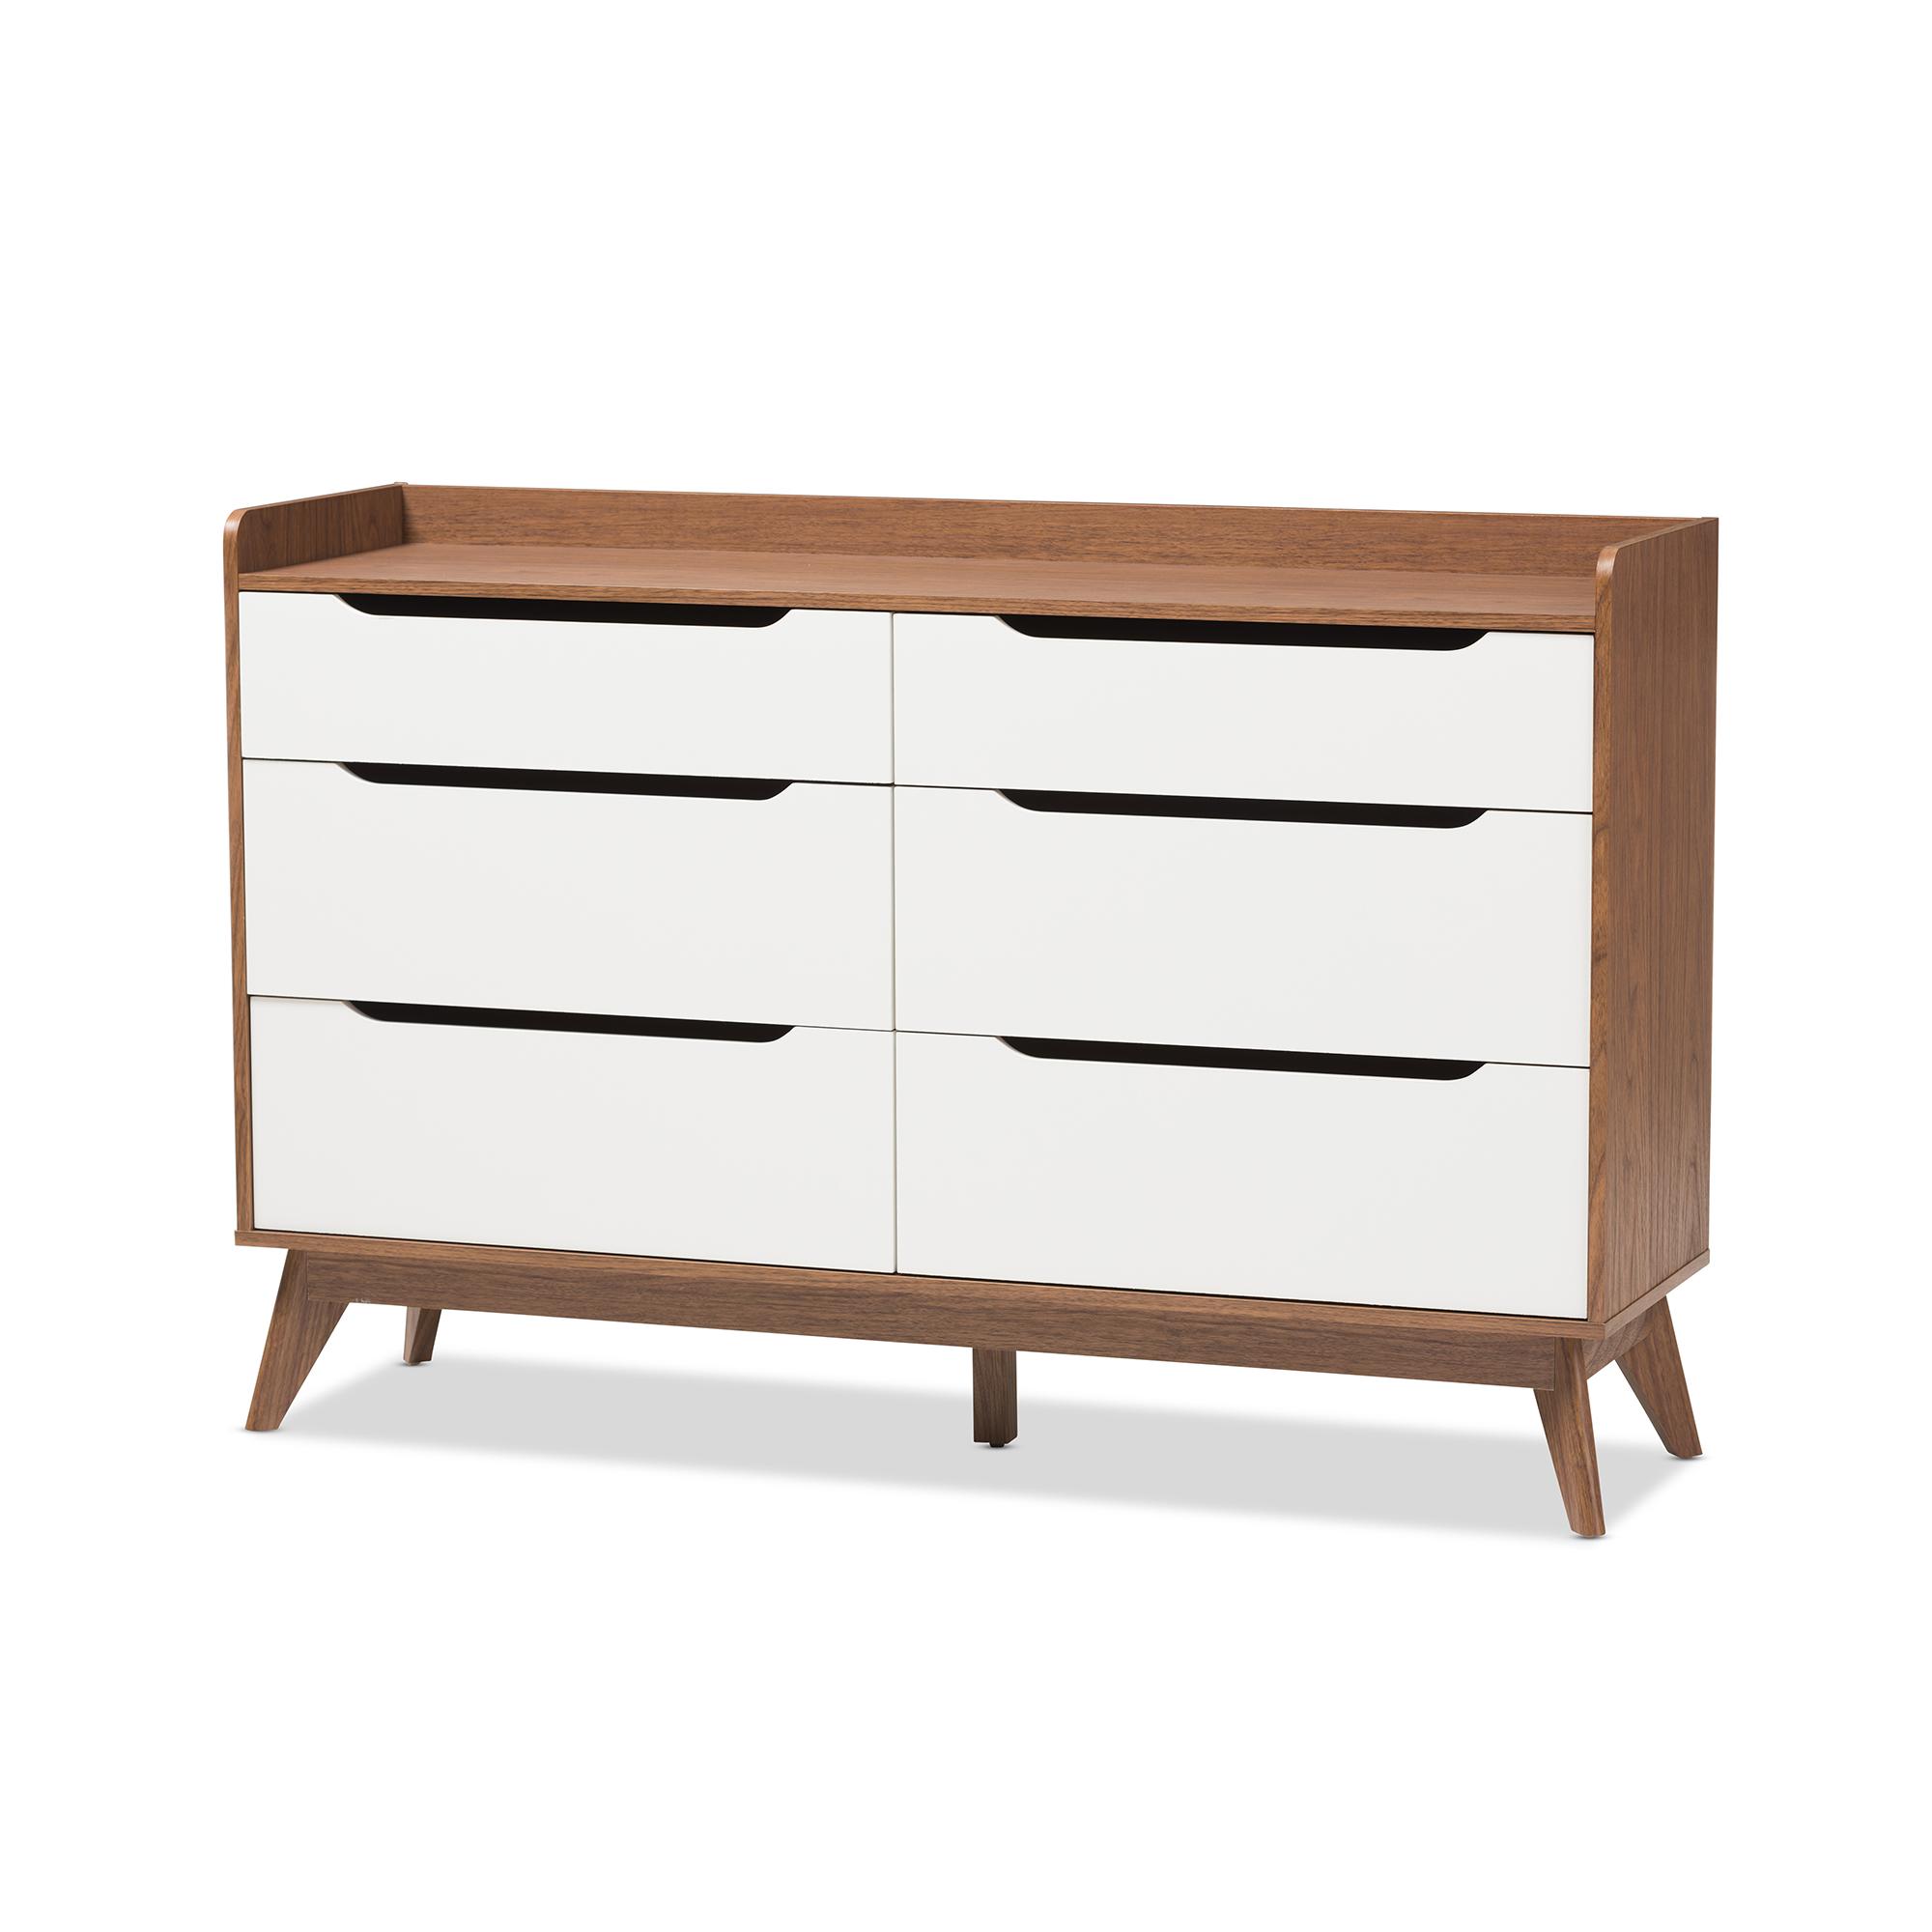 Baxton Studio Brighton Modern White and Walnut Wood 6-Drawer Storage Dresser